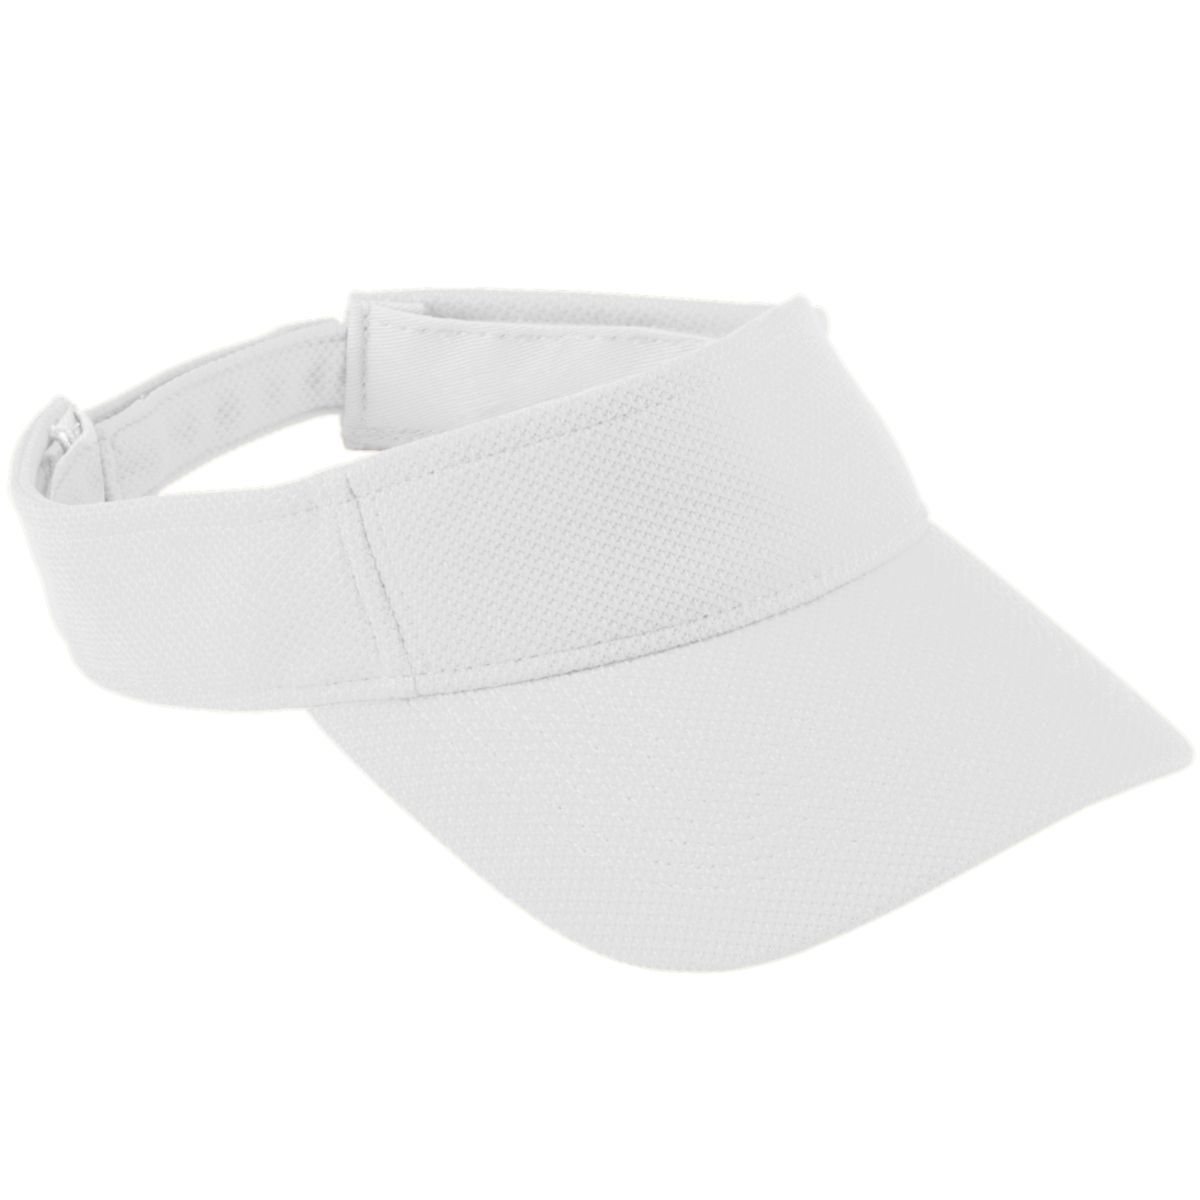 Adjustable Wicking Mesh Visor - White